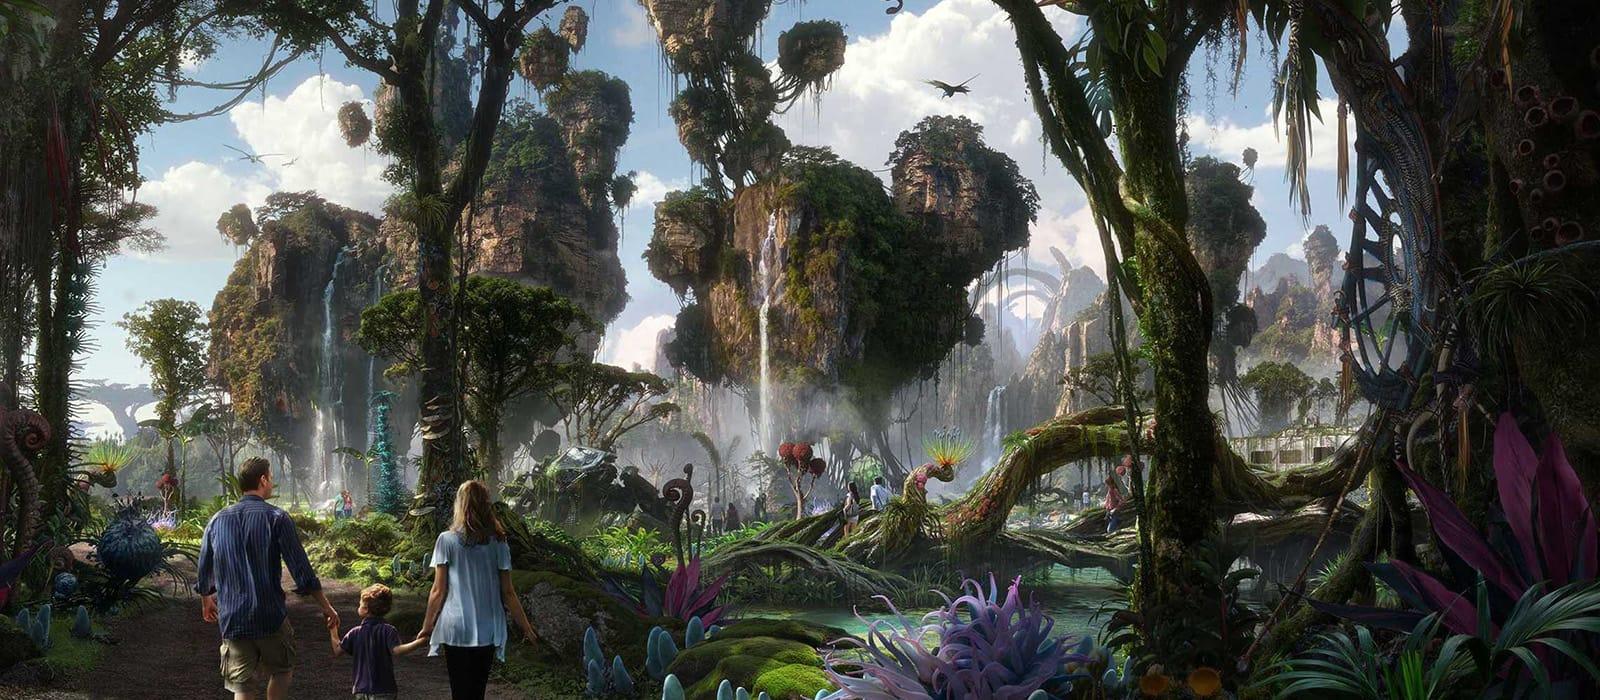 Avatar's Pandora <br> in Walt Disney World